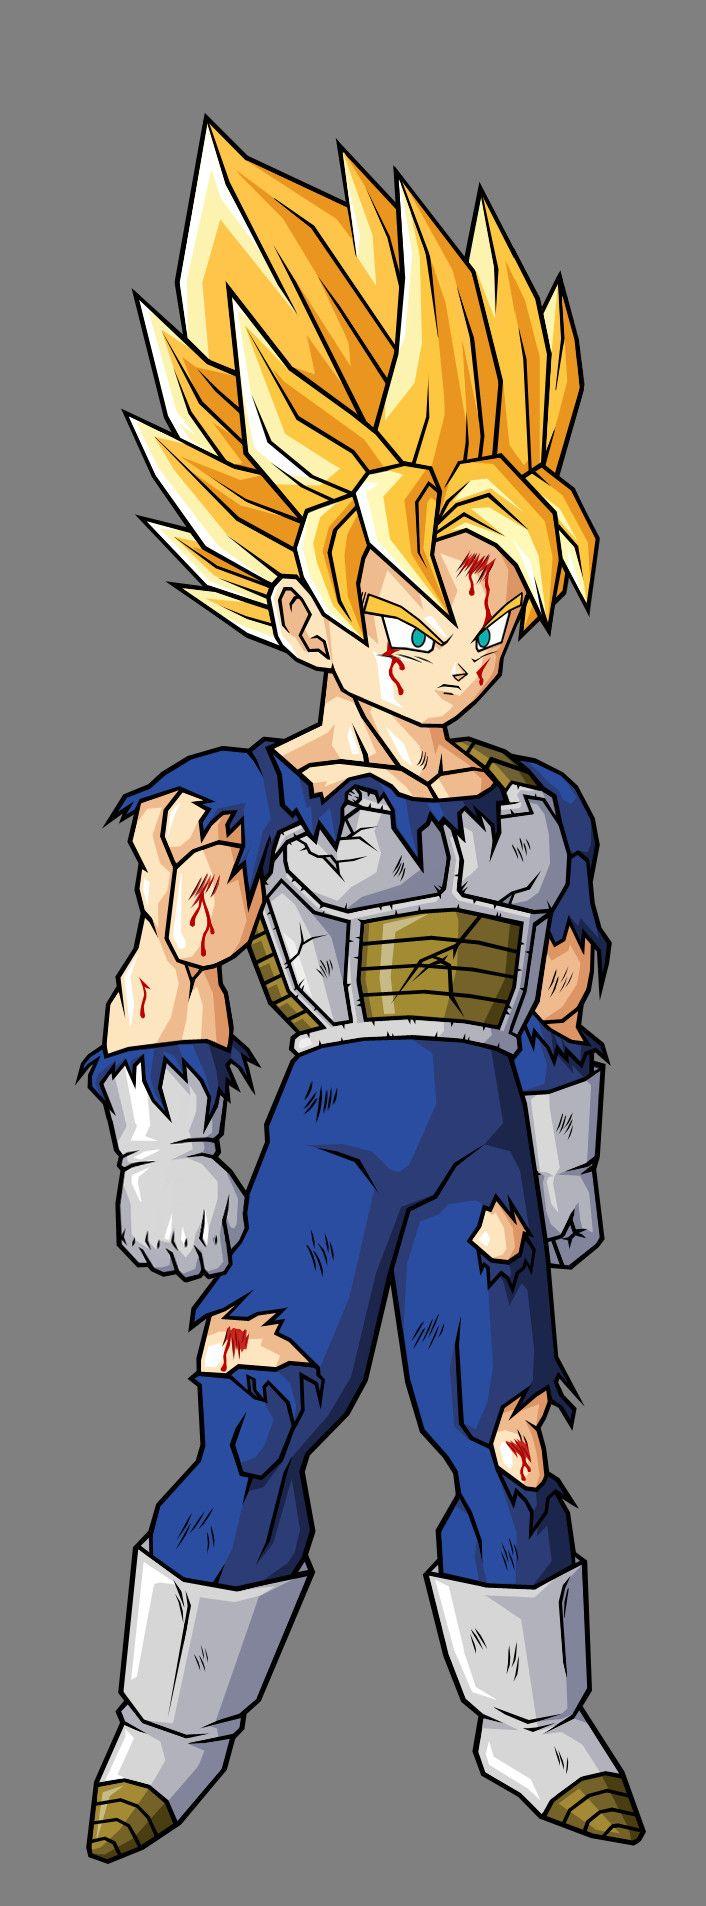 Pre Teen Goku SSJ, In Saiyan Armor by ~hsvhrt on deviantART